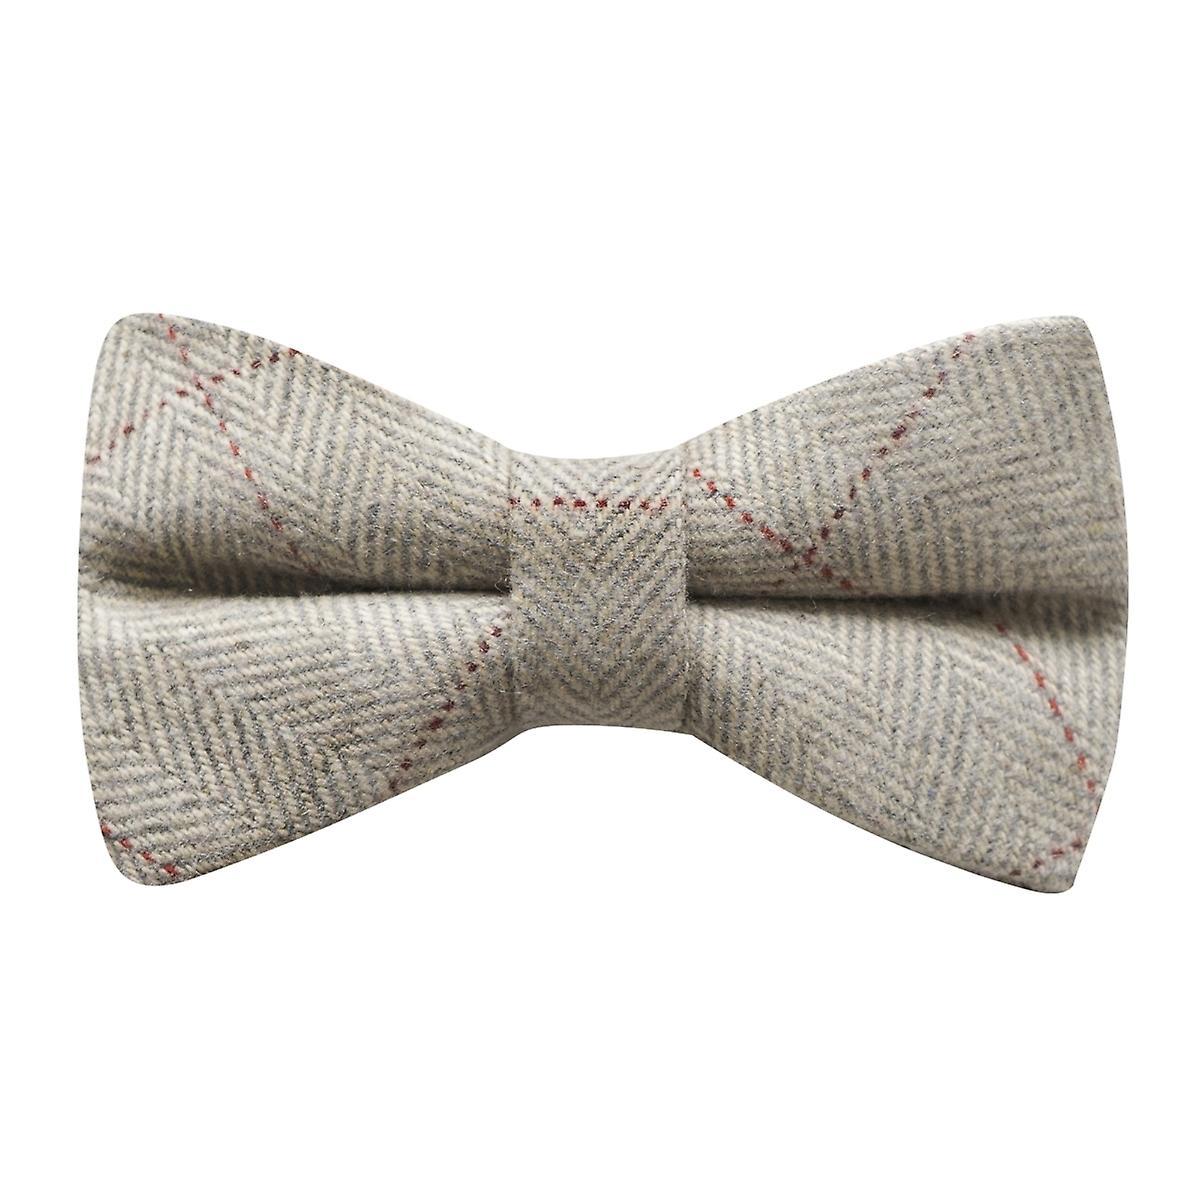 Light Grey Herringbone Tweed Bow Tie